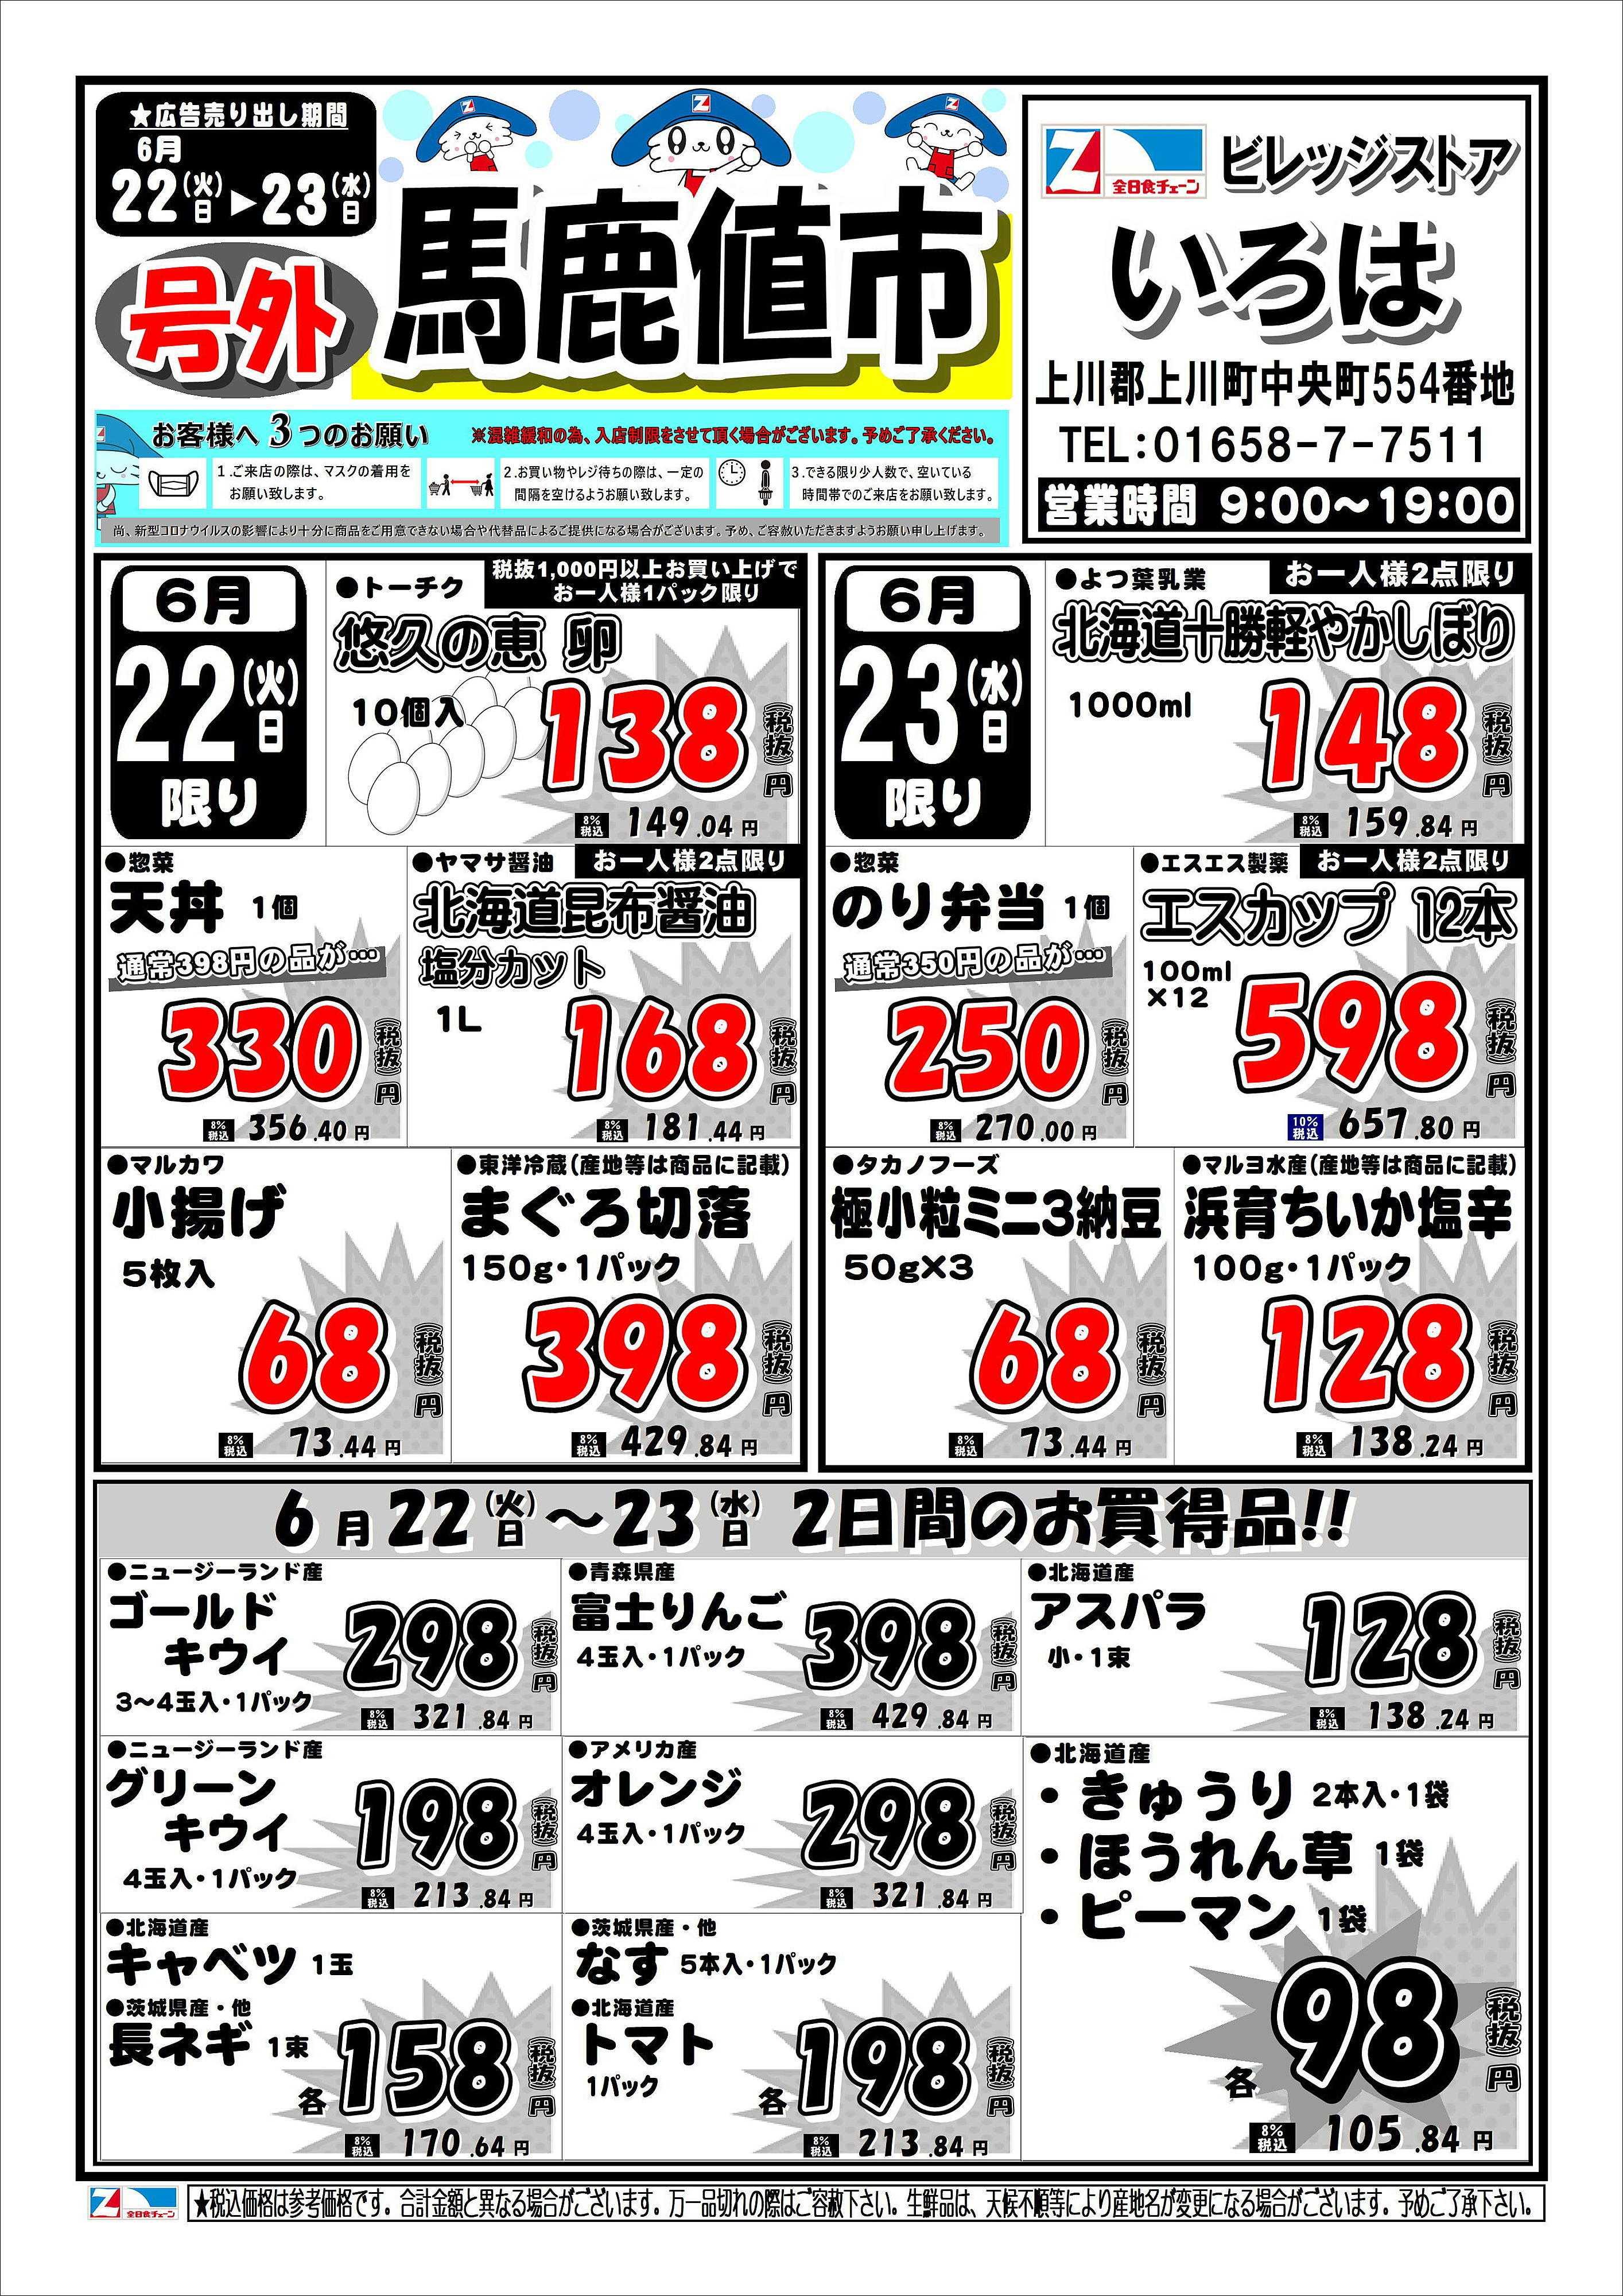 全日食チェーン ビレッジストアいろは 22日・23日のお買い得情報